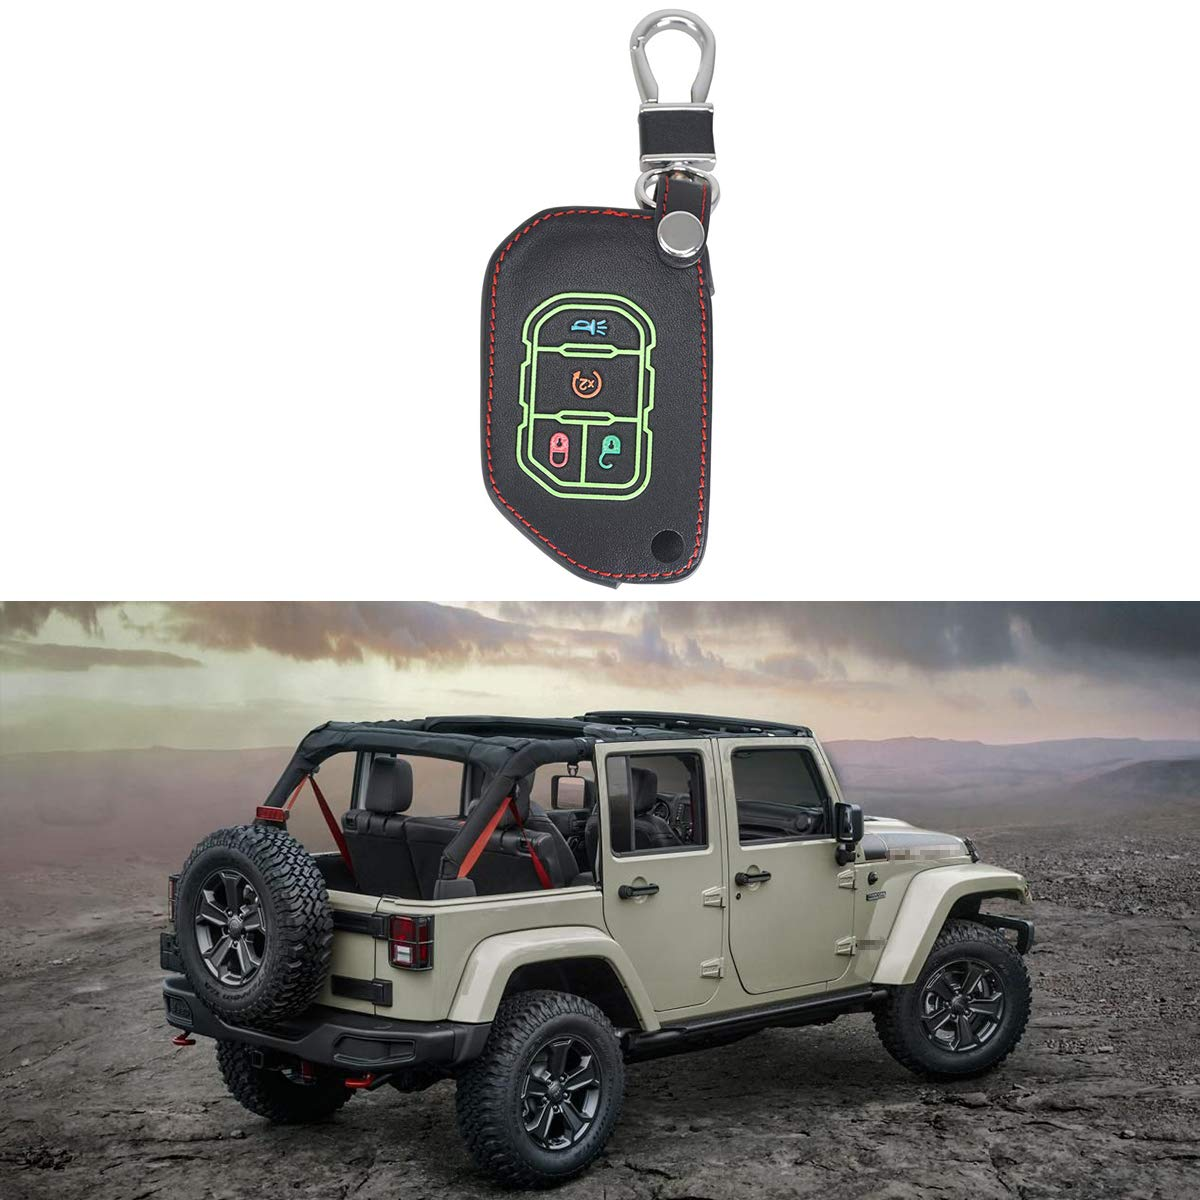 LITTOU Wrangler Door Hanger with Pad Black For CJ JKU JL JT And All New Gladiator TJ 2 pcs hangers JK YJ